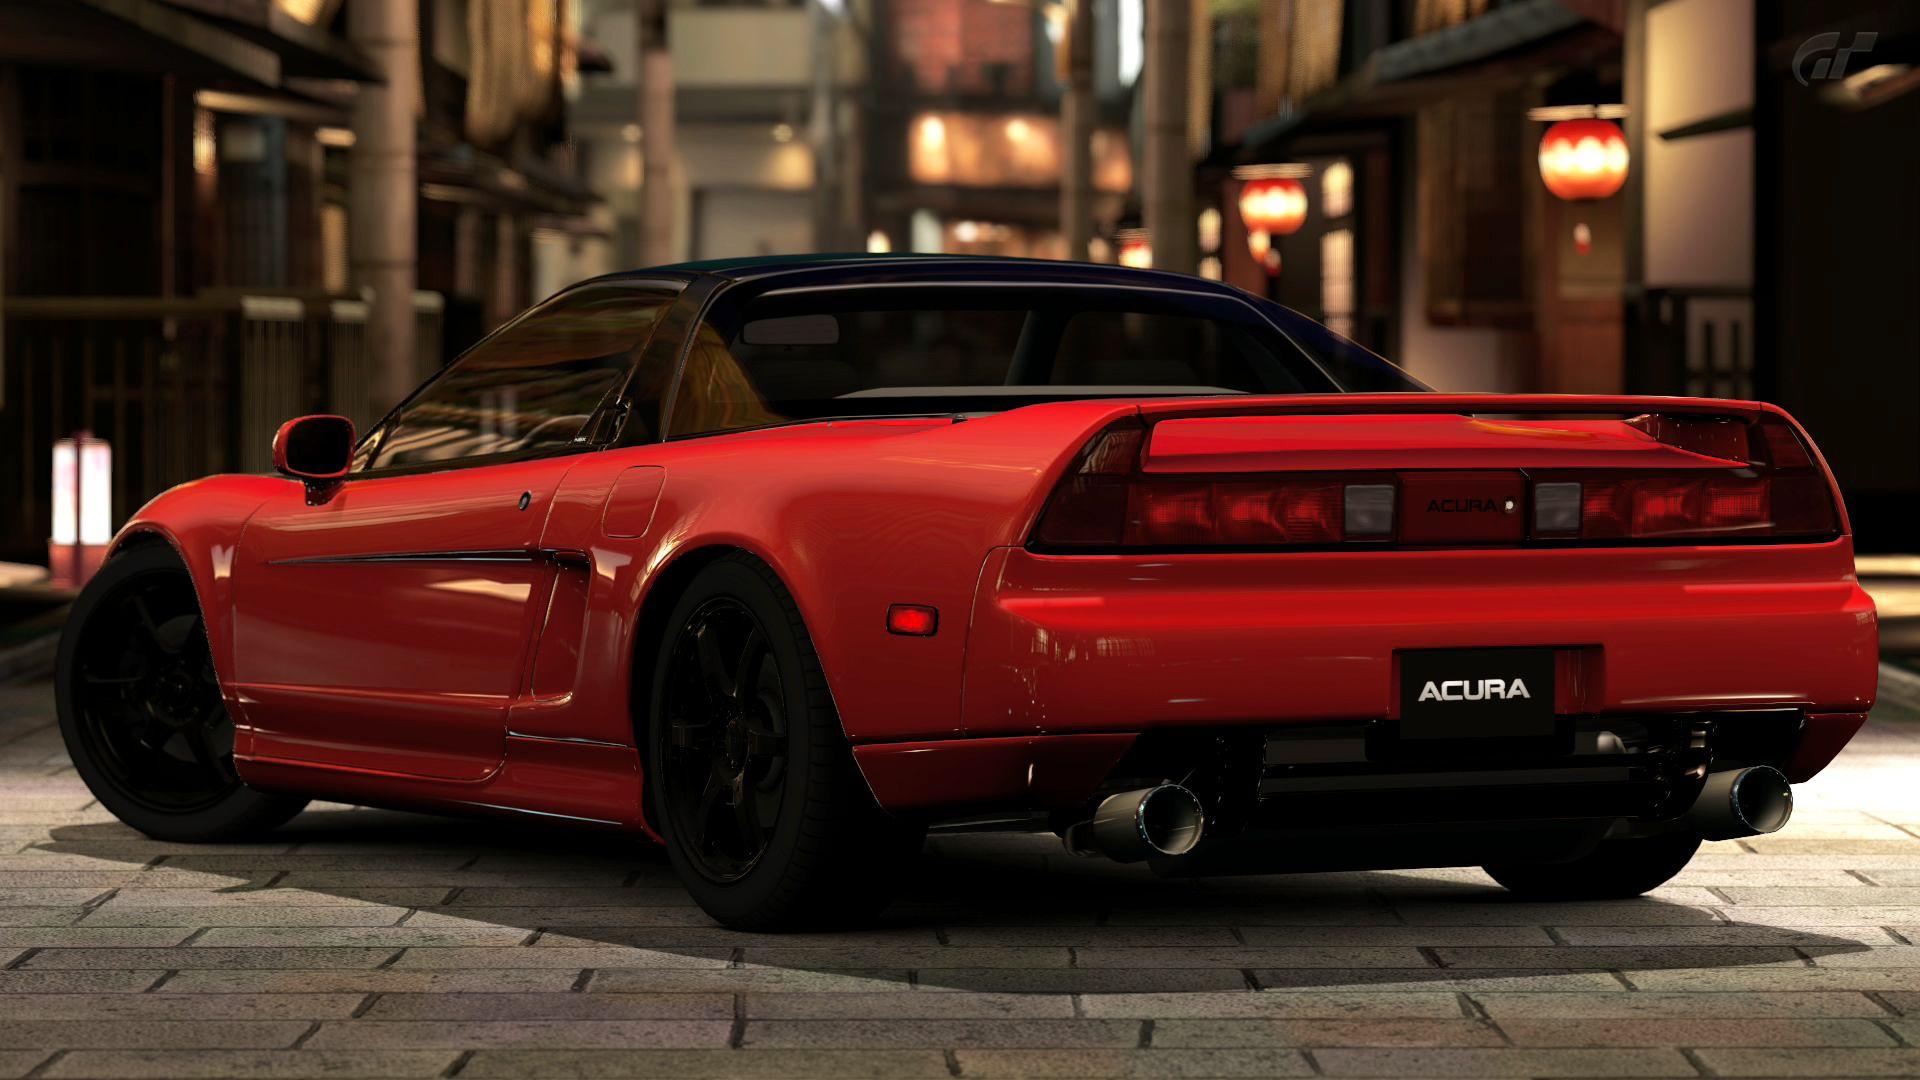 Nice 1991 Acura NSX (Gran Turismo 5) By Vertualissimo